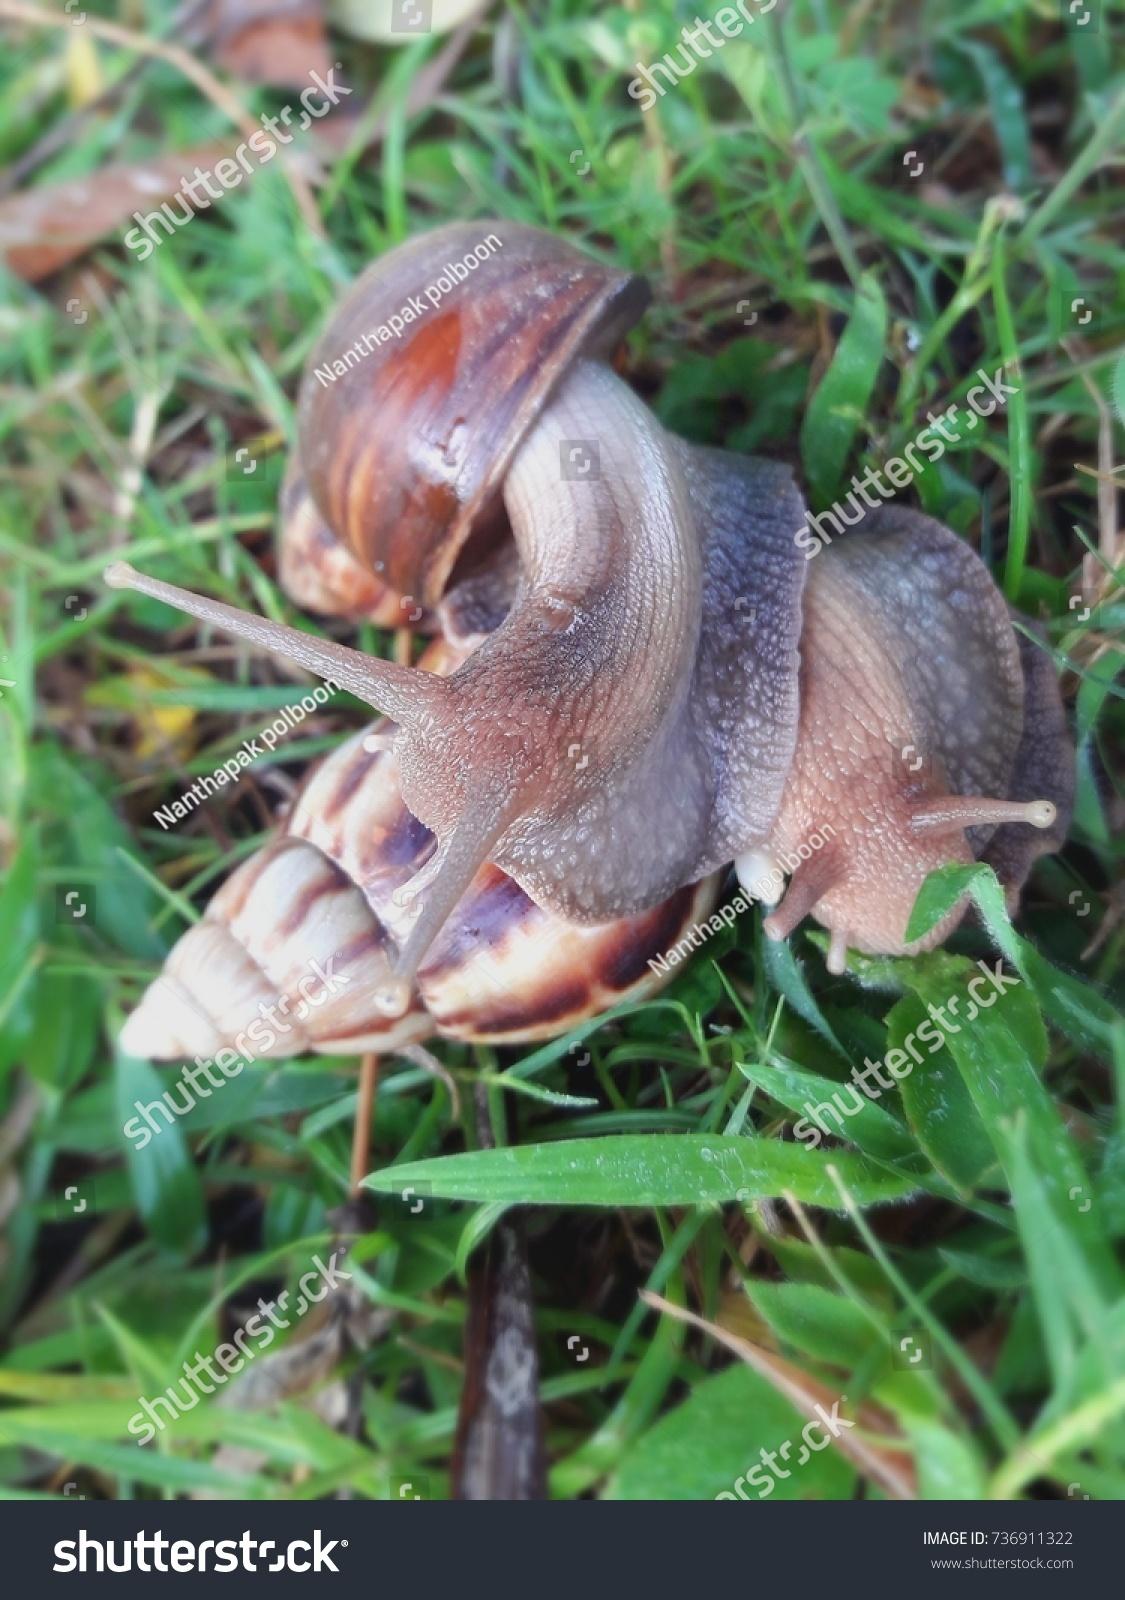 Snails are having sex in garden Thailand